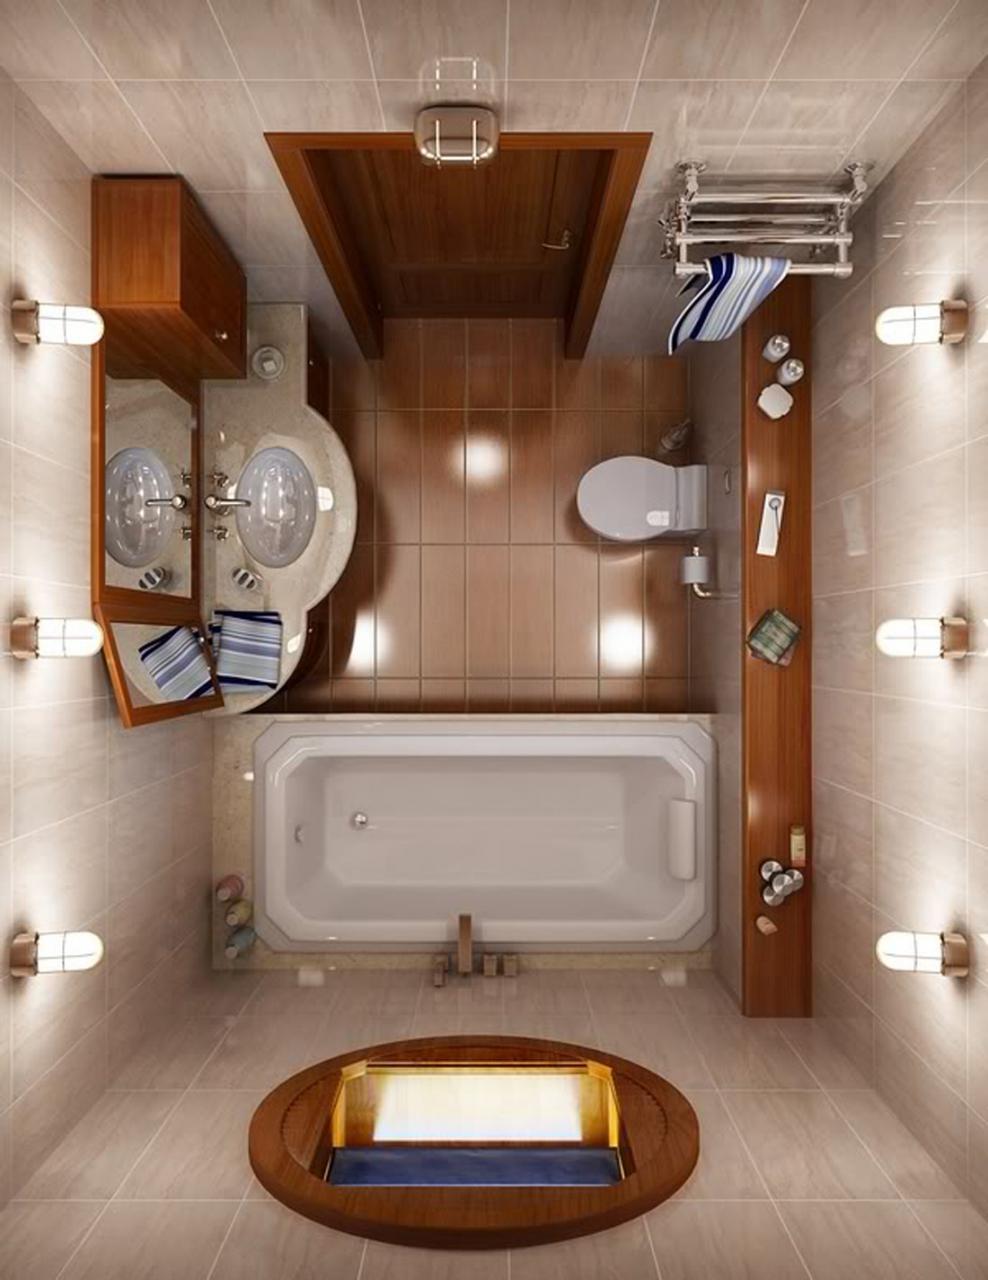 صورة حمامك صغير تفضلي افكار لتزيينه 1062 3